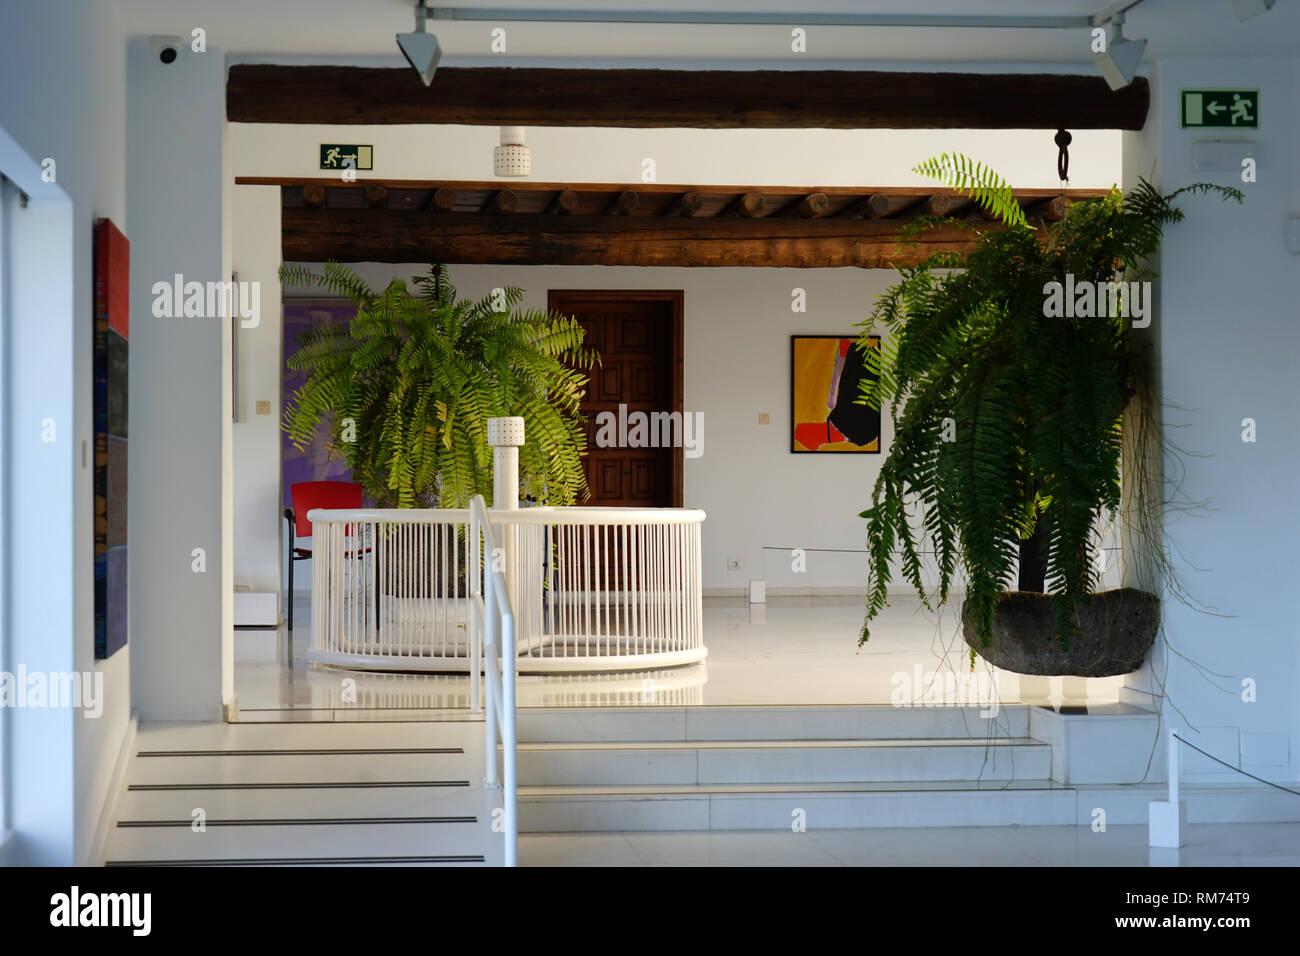 Ausstellungsraum, Vulkanhaus, Fundación César Manrique,  Vulkan und Architektur, Museum, Tahiche, Lanzarote, Kanarische Inseln, Spanien - Stock Image